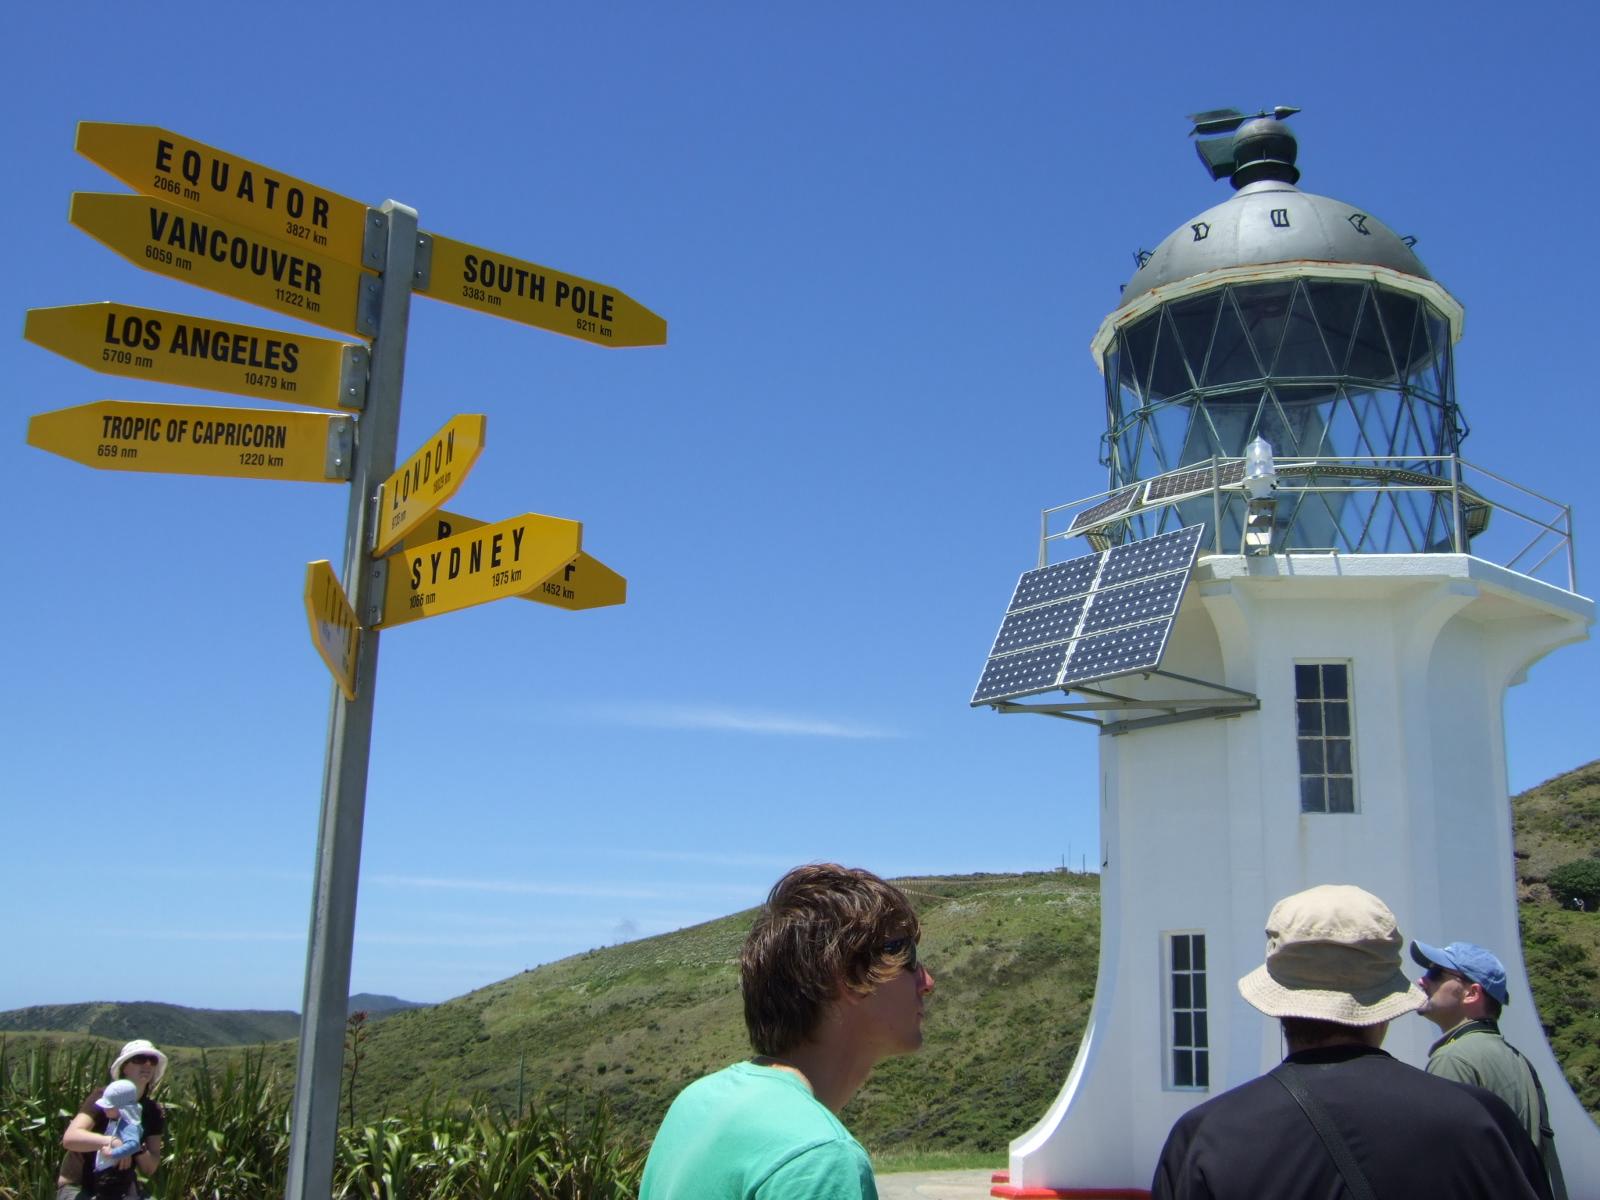 灯台,標識,看板,レインガ岬,NZ〈著作権フリー無料画像〉Free Stock Photos